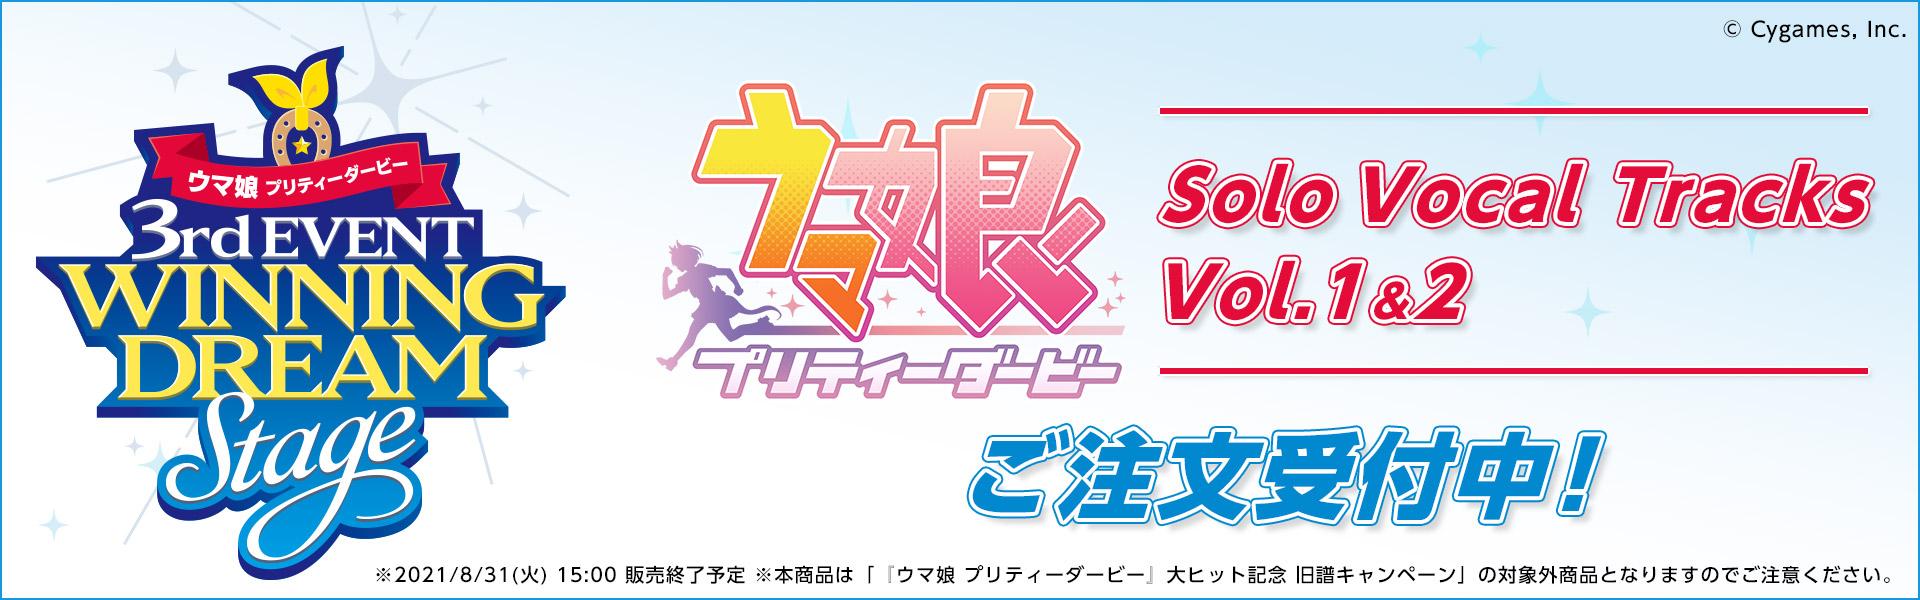 『ウマ娘 プリティーダービー』3rd EVENT WINNING DREAM STAGE Solo Vocal Tracks Vol.1&2                     2021.7.23(金)on sale!                     ※本商品は2021/8/31(火)15:00までの期間限定販売となります。                     ※本商品は「『ウマ娘 プリティーダービー』大ヒット記念 旧譜キャンペーン」の対象外商品となりますのでご注意ください。